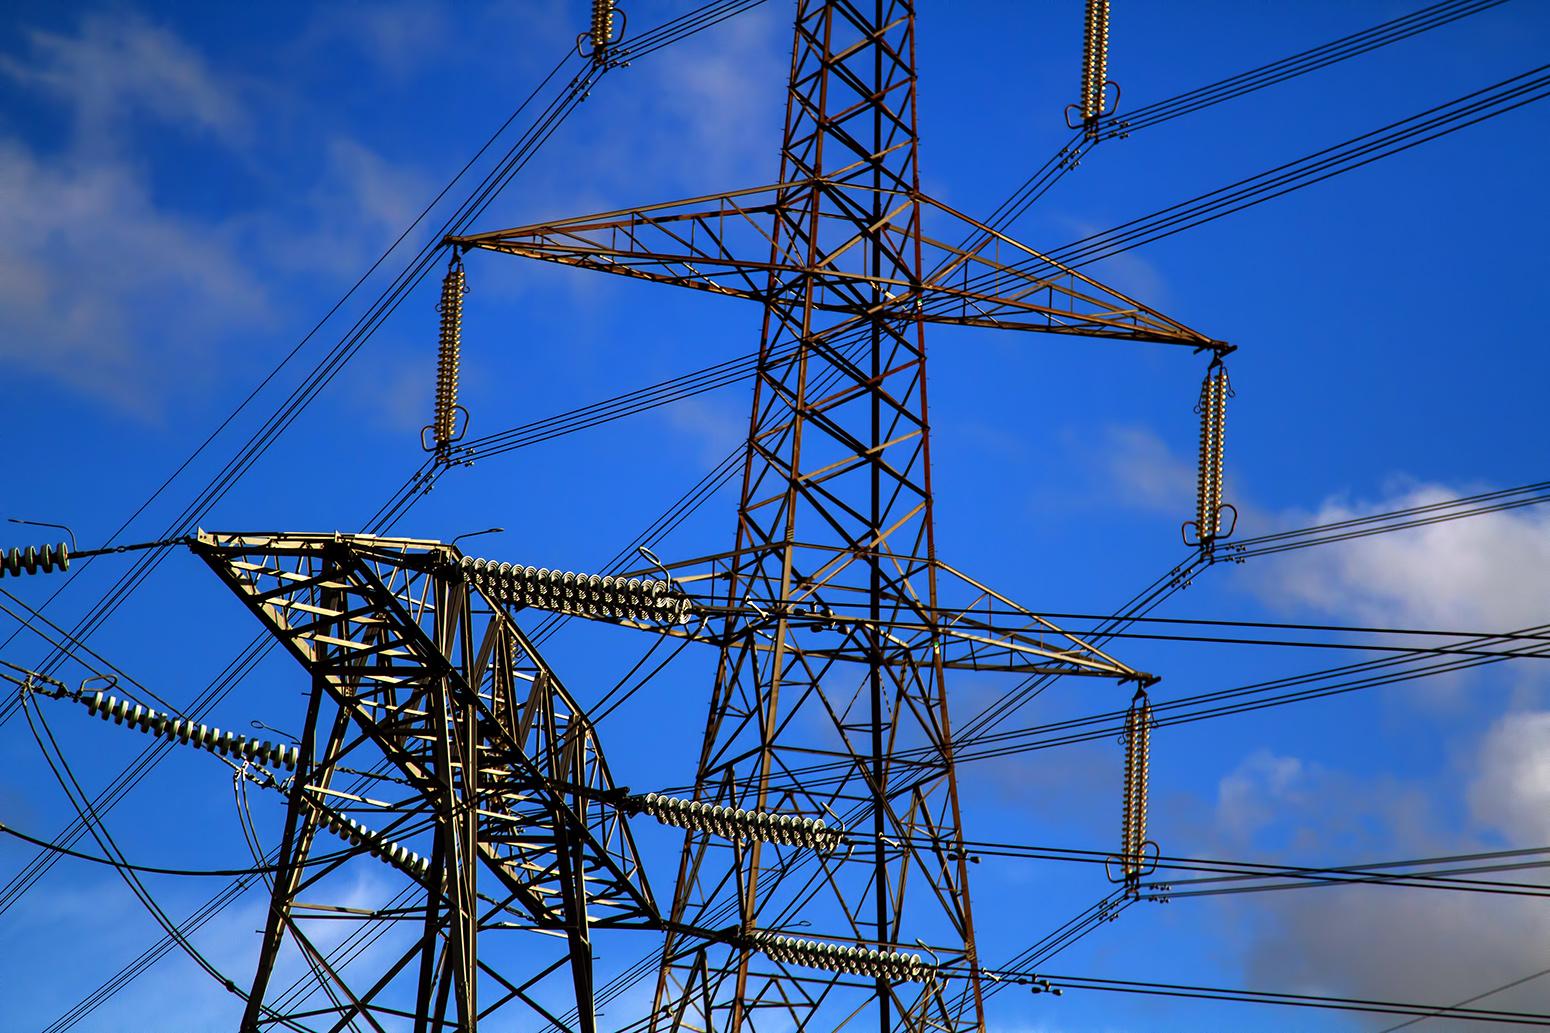 Albanija dobija 21 milion evra za električnu mrežu